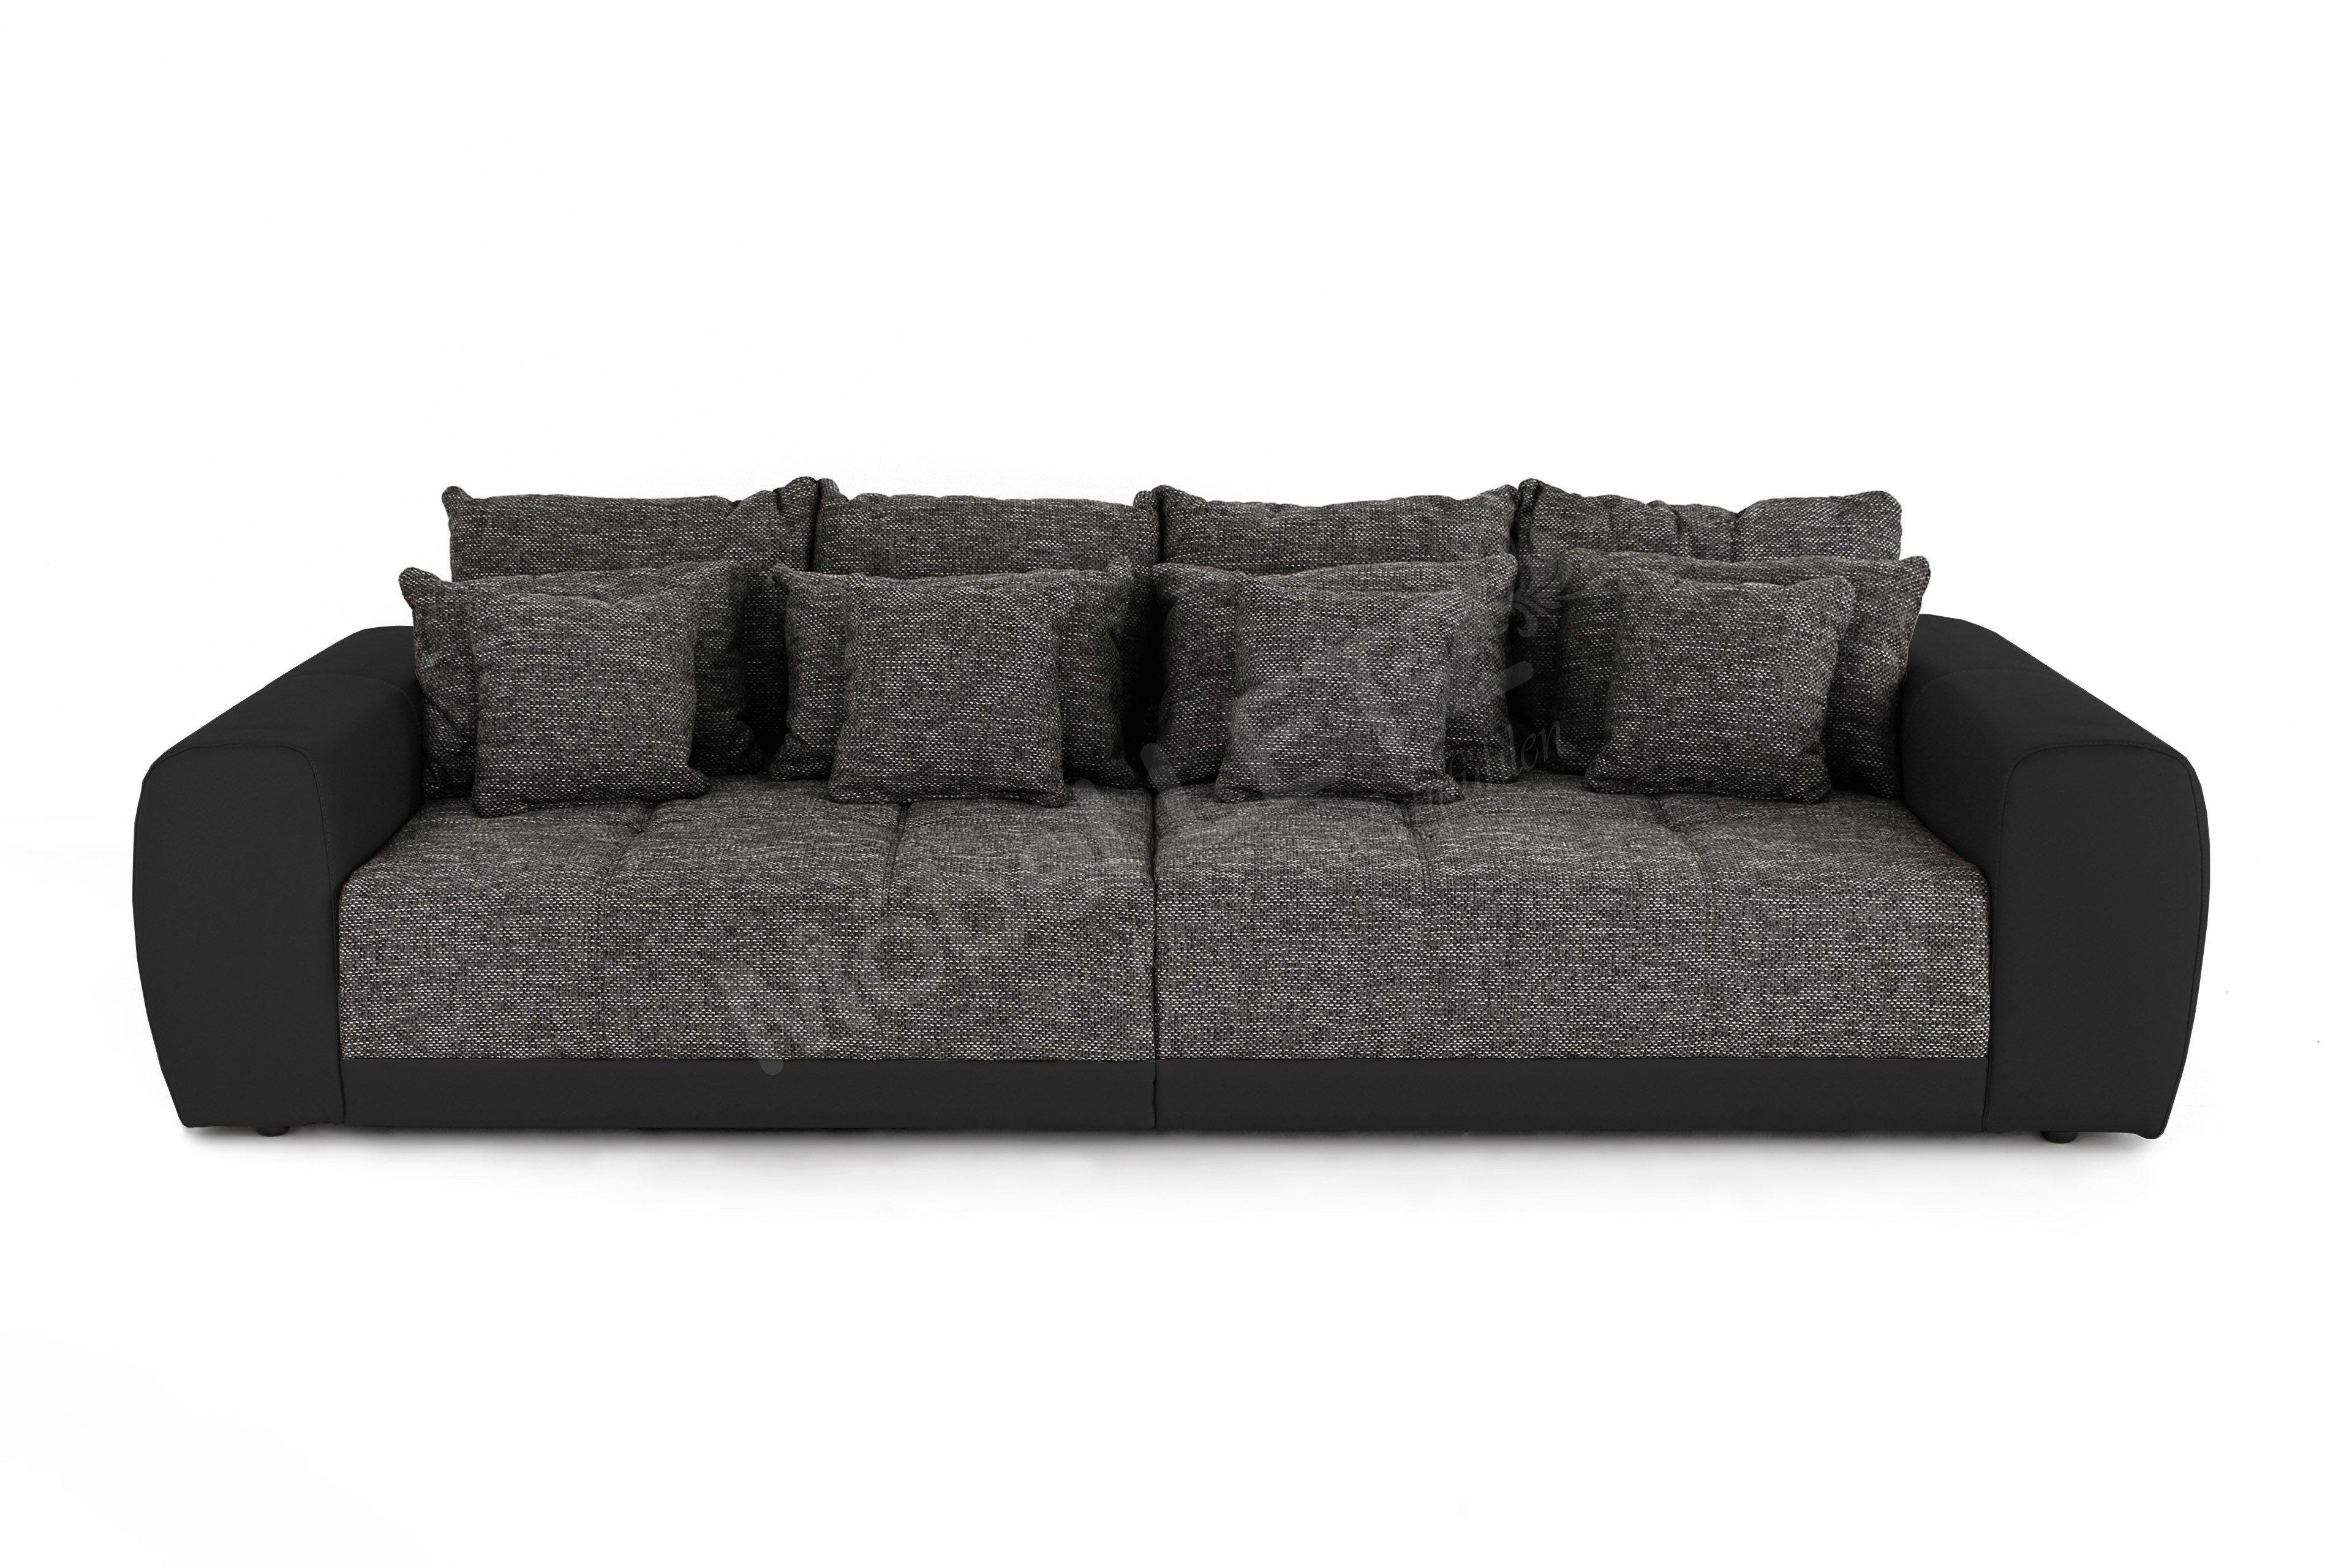 jockenh fer mega sofa samy in grau schwarz m bel letz ihr online shop. Black Bedroom Furniture Sets. Home Design Ideas